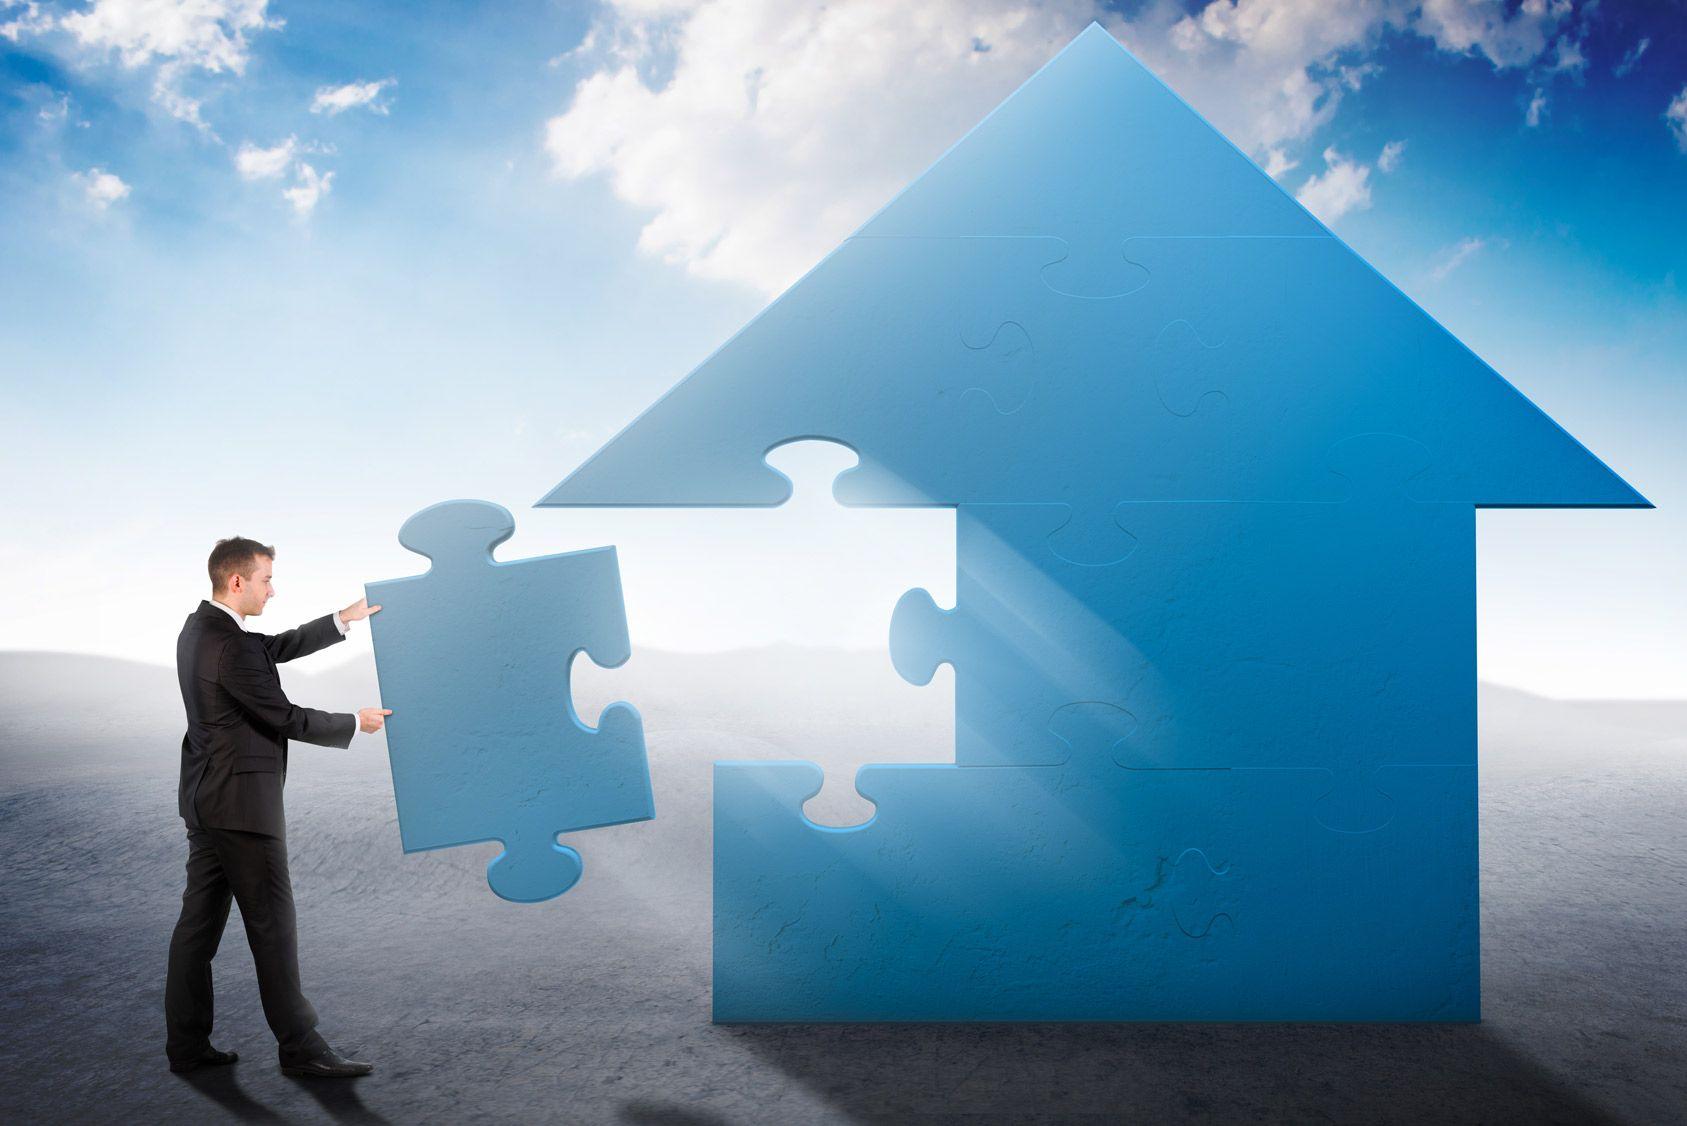 Investissement: le démembrement de propriété a la cote